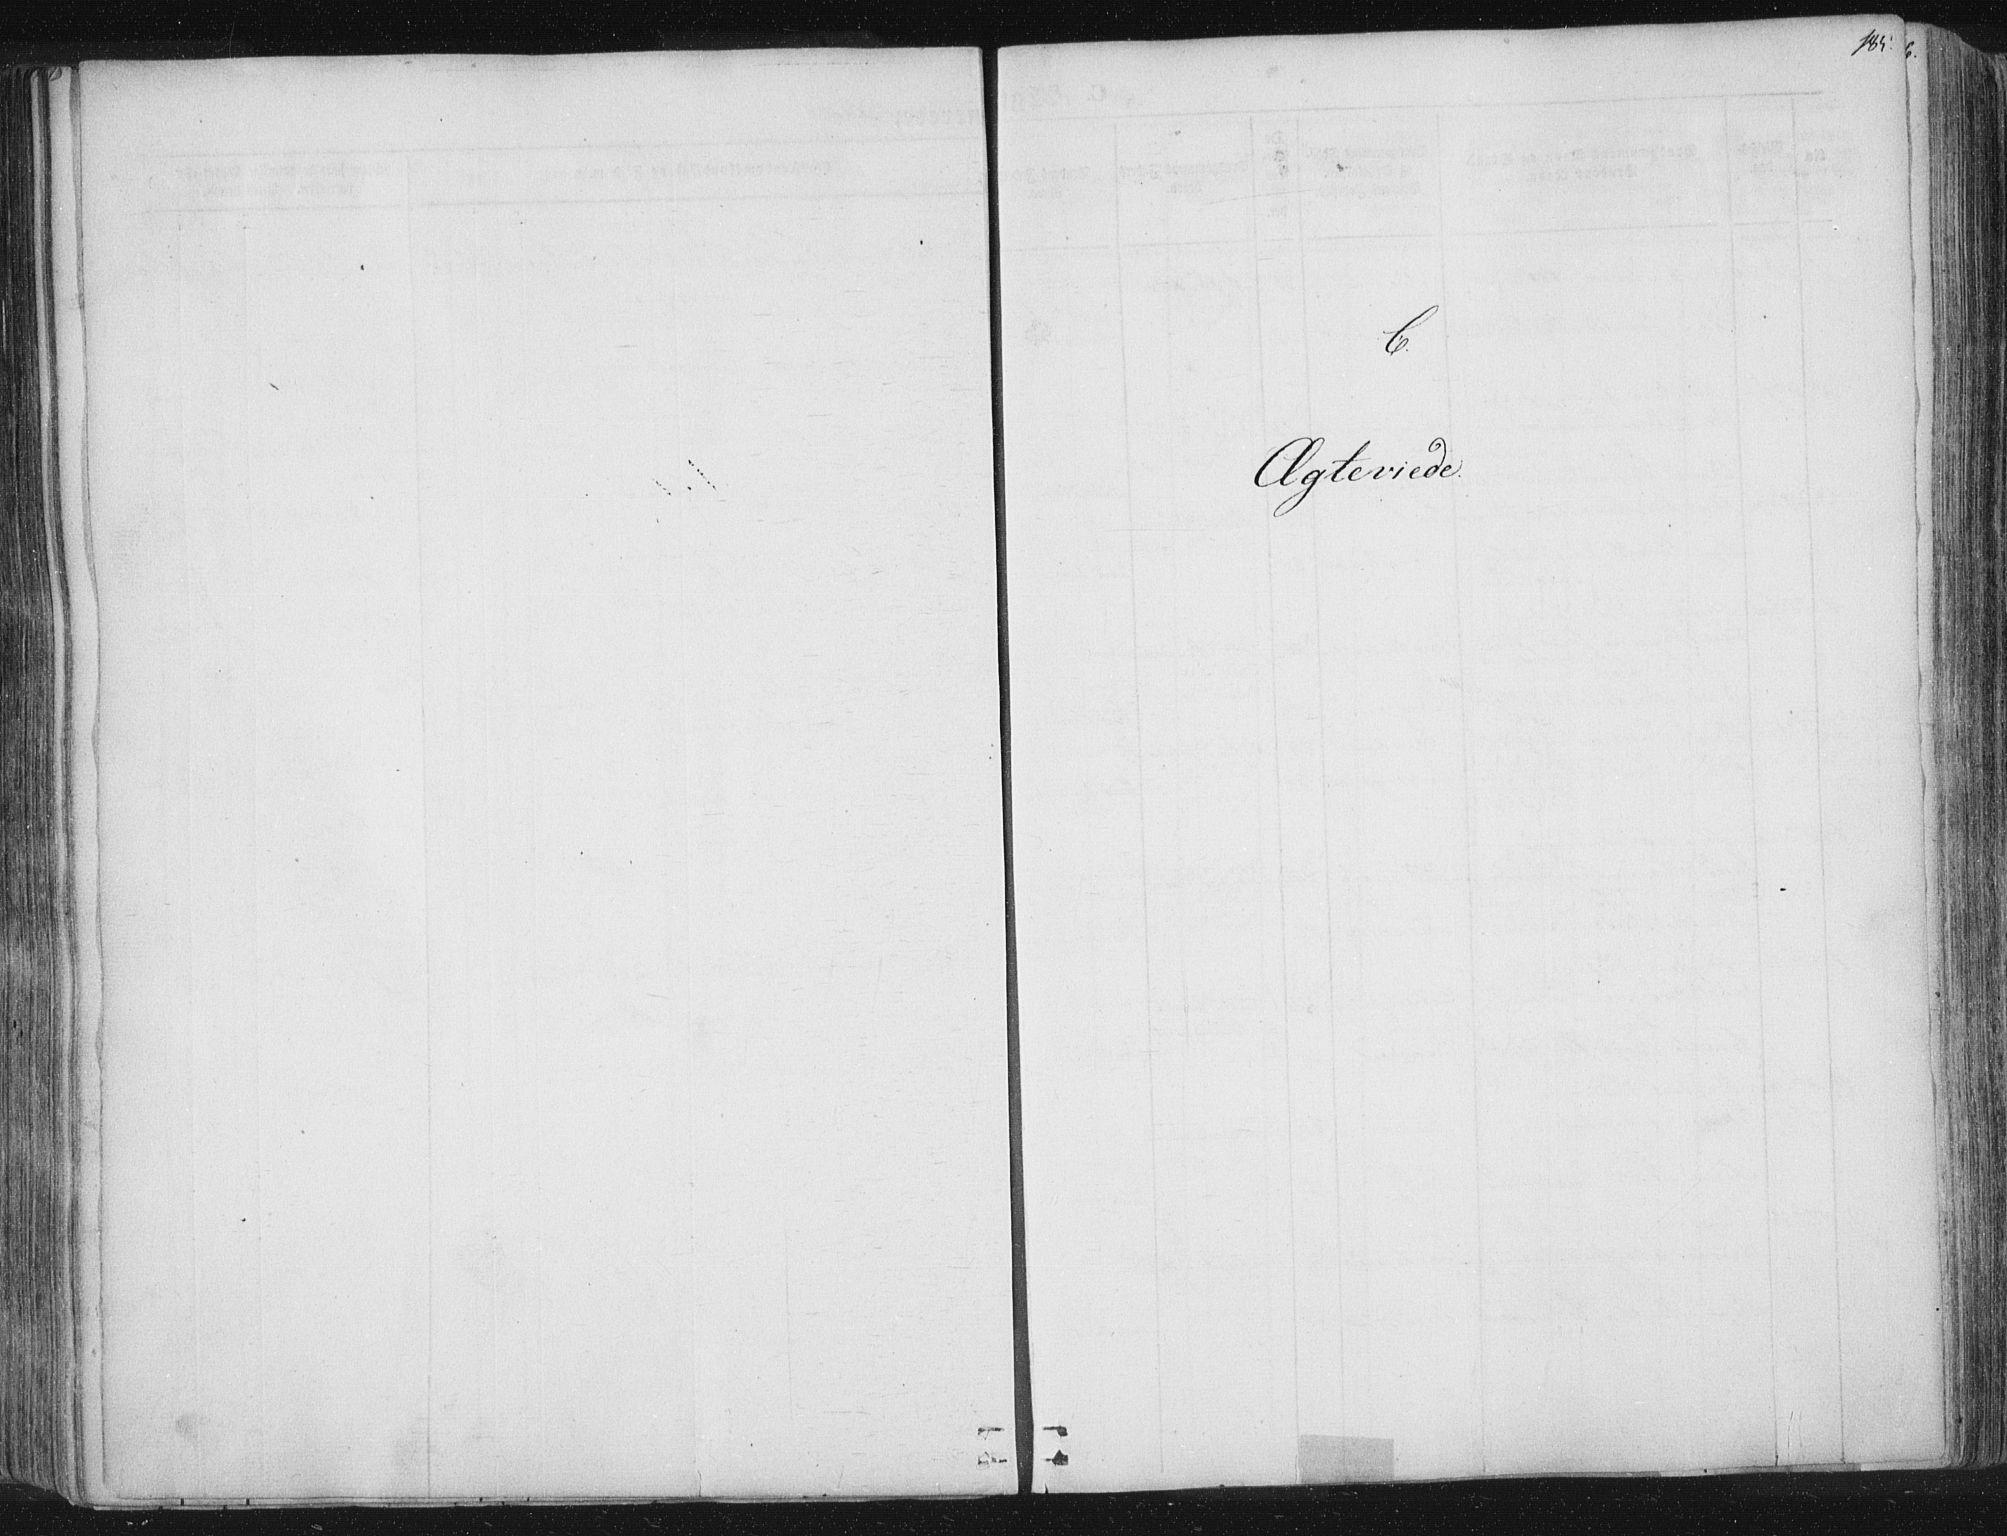 SAT, Ministerialprotokoller, klokkerbøker og fødselsregistre - Nord-Trøndelag, 741/L0392: Ministerialbok nr. 741A06, 1836-1848, s. 185